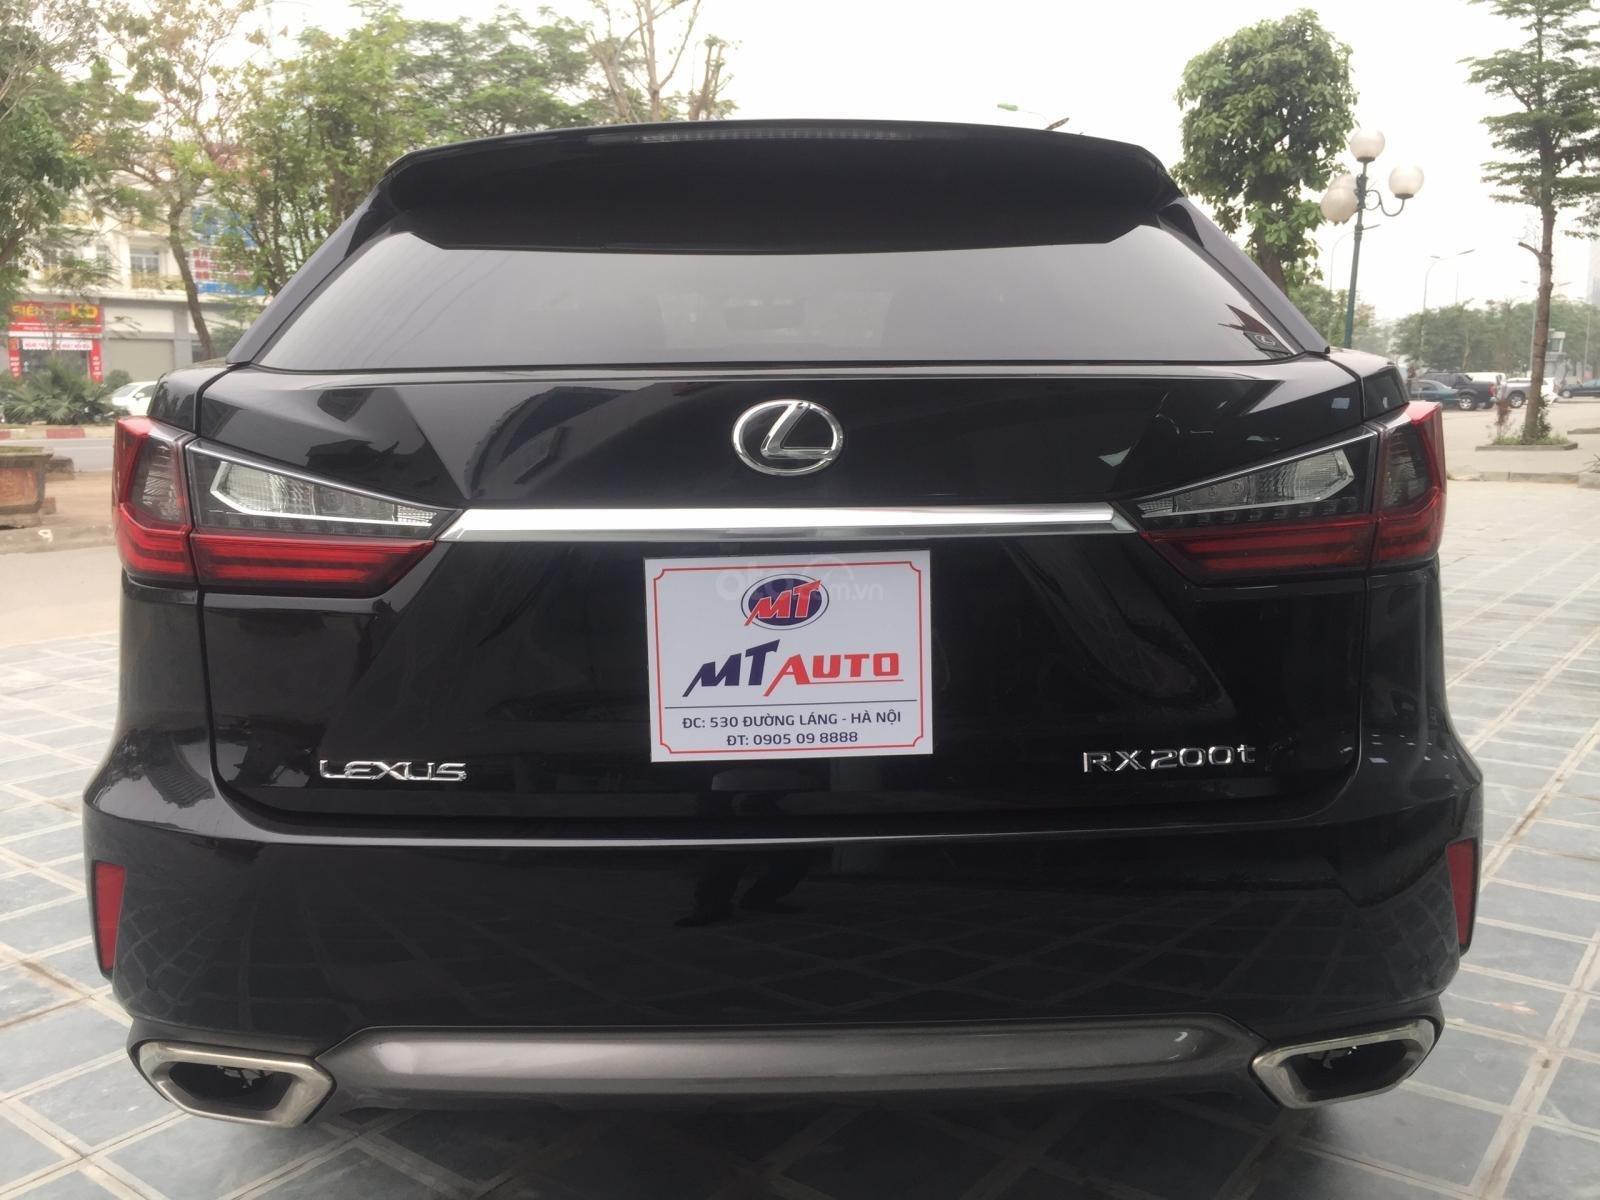 Bán Lexus Rx 200t sản xuất năm 2016, màu đen, xe nhập chính hãng, Lh em Hương 0945392468-14